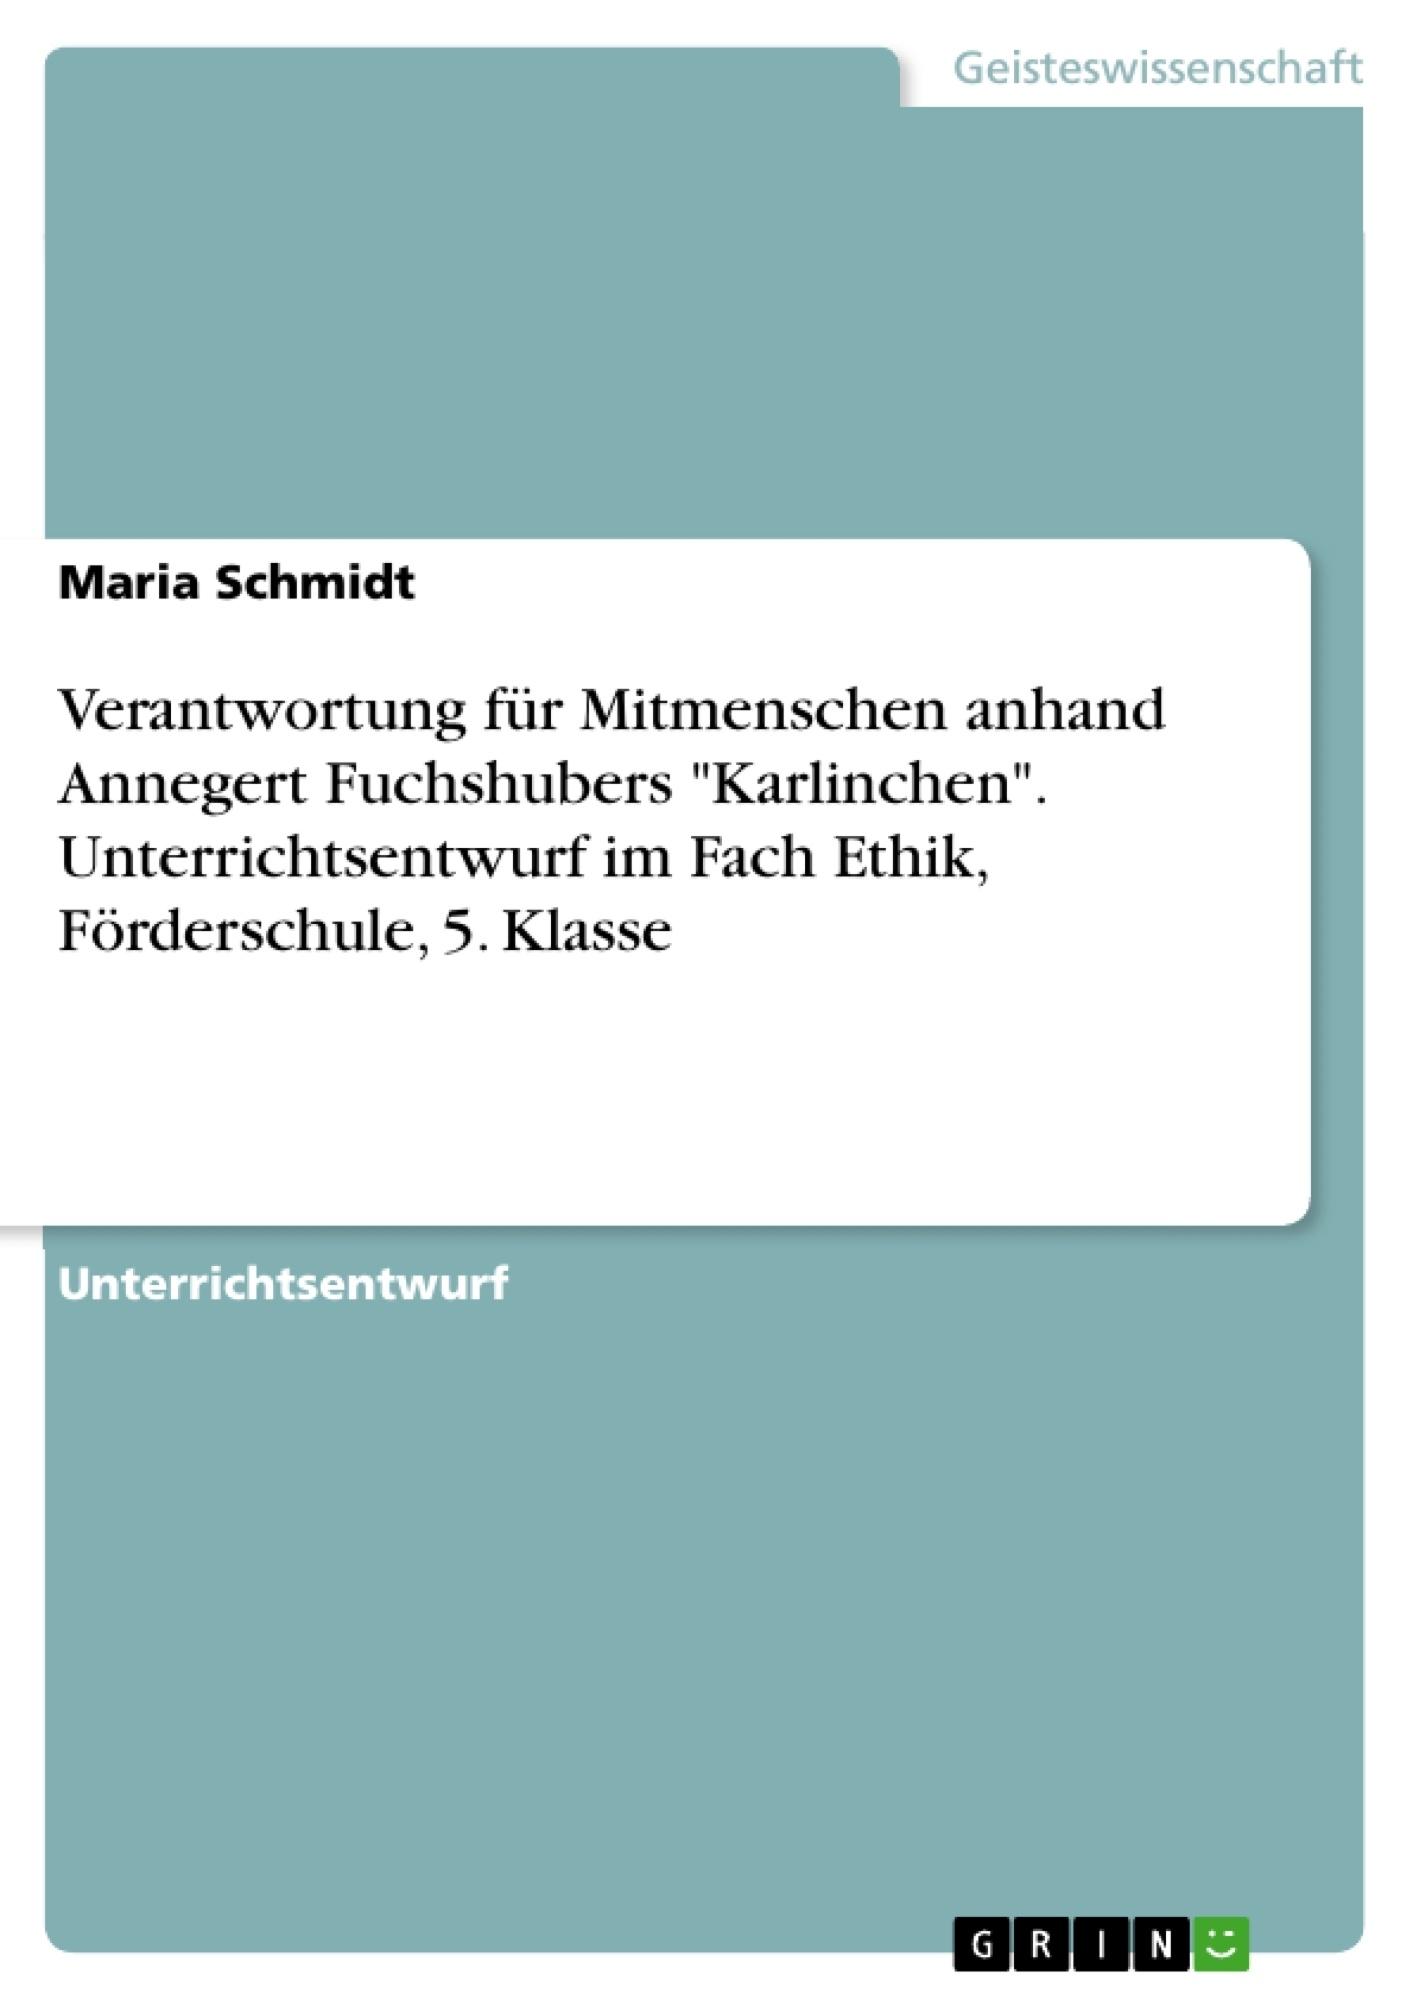 """Titel: Verantwortung für Mitmenschen anhand Annegert Fuchshubers """"Karlinchen"""". Unterrichtsentwurf im Fach Ethik, Förderschule, 5. Klasse"""